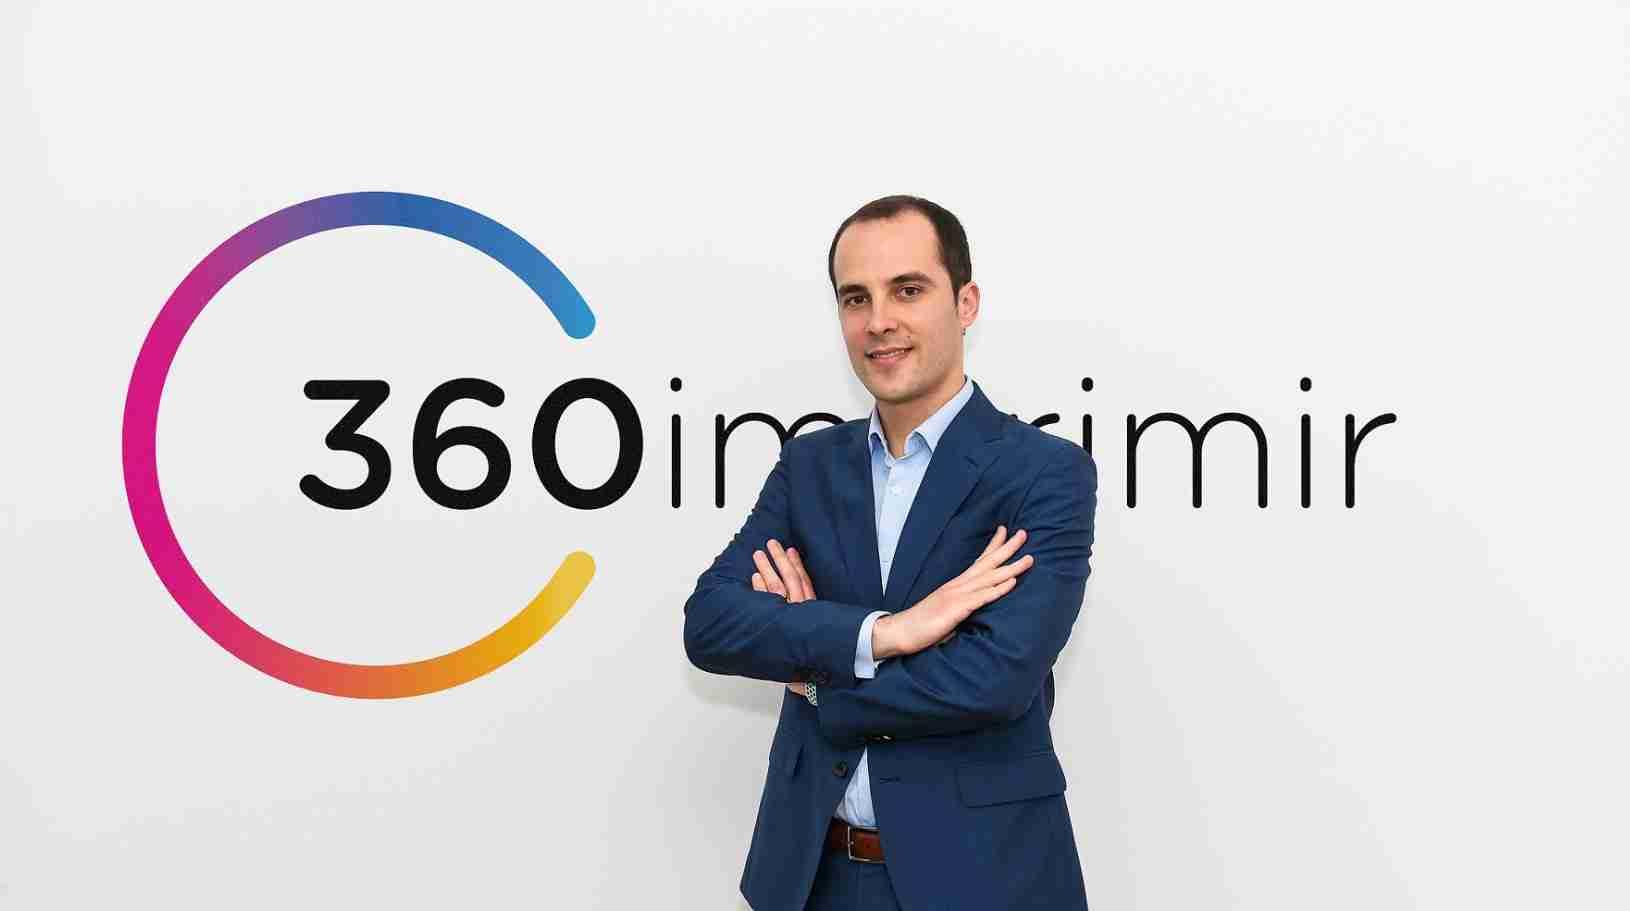 Onlineprint: 360imprimir - An Iberian shooting star?